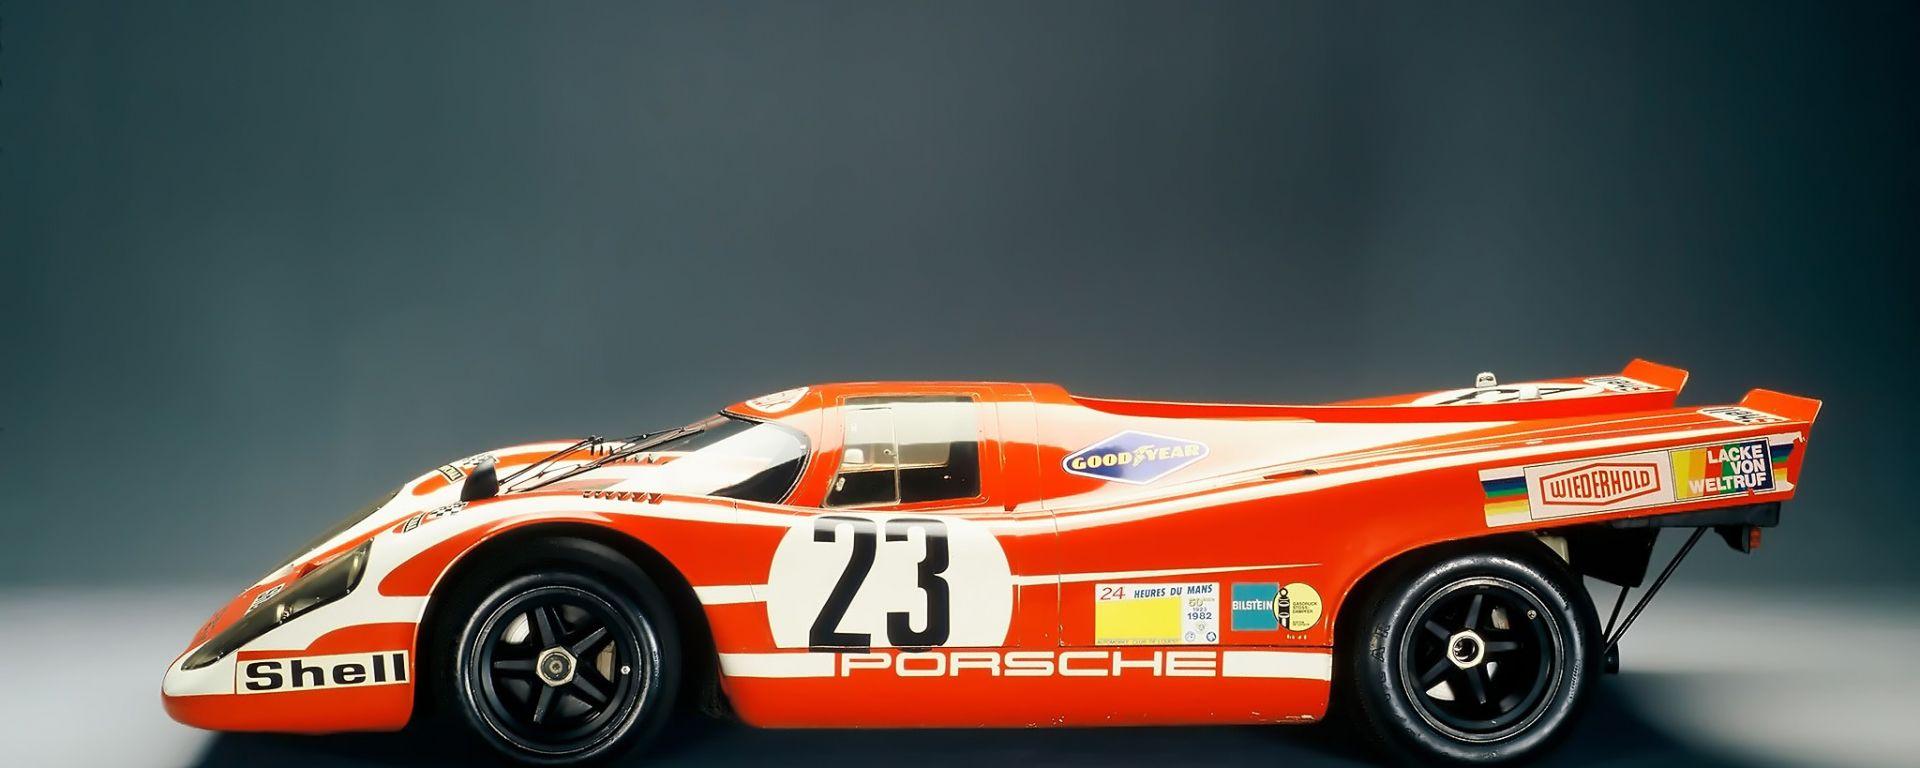 Porsche 917 KH Coupé 1970